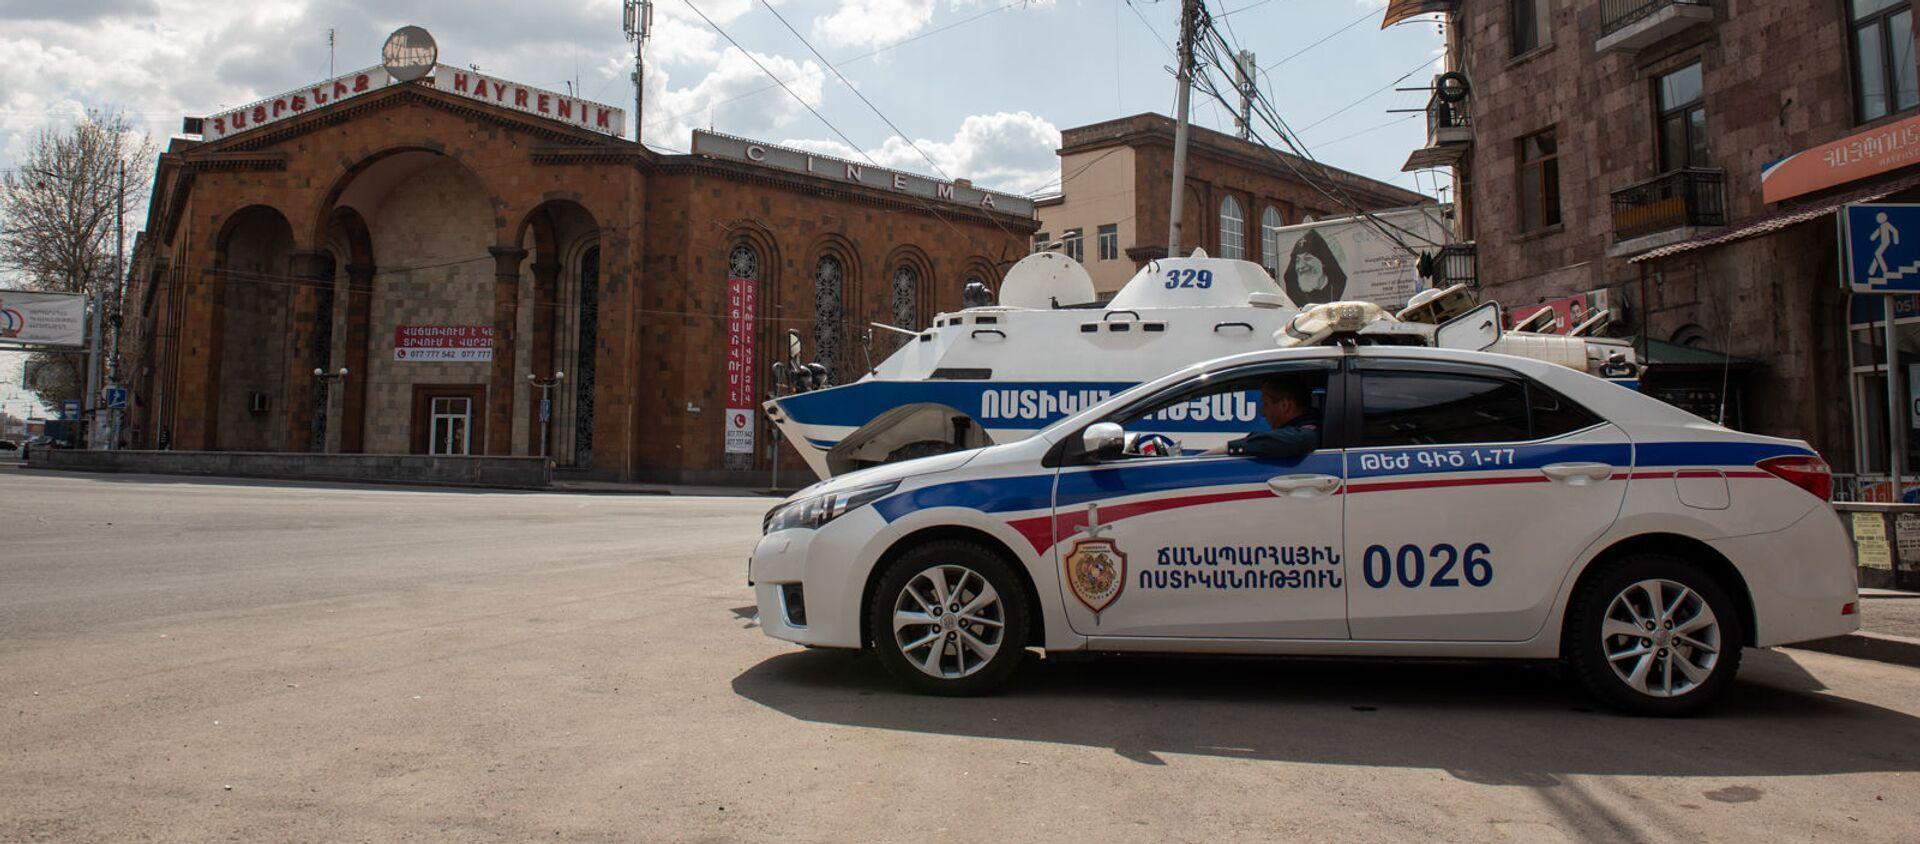 Бронетехника и полиция на улицах Еревана во время чрезвычайной ситуации (25 марта 2020). Ереван - Sputnik Армения, 1920, 20.06.2021